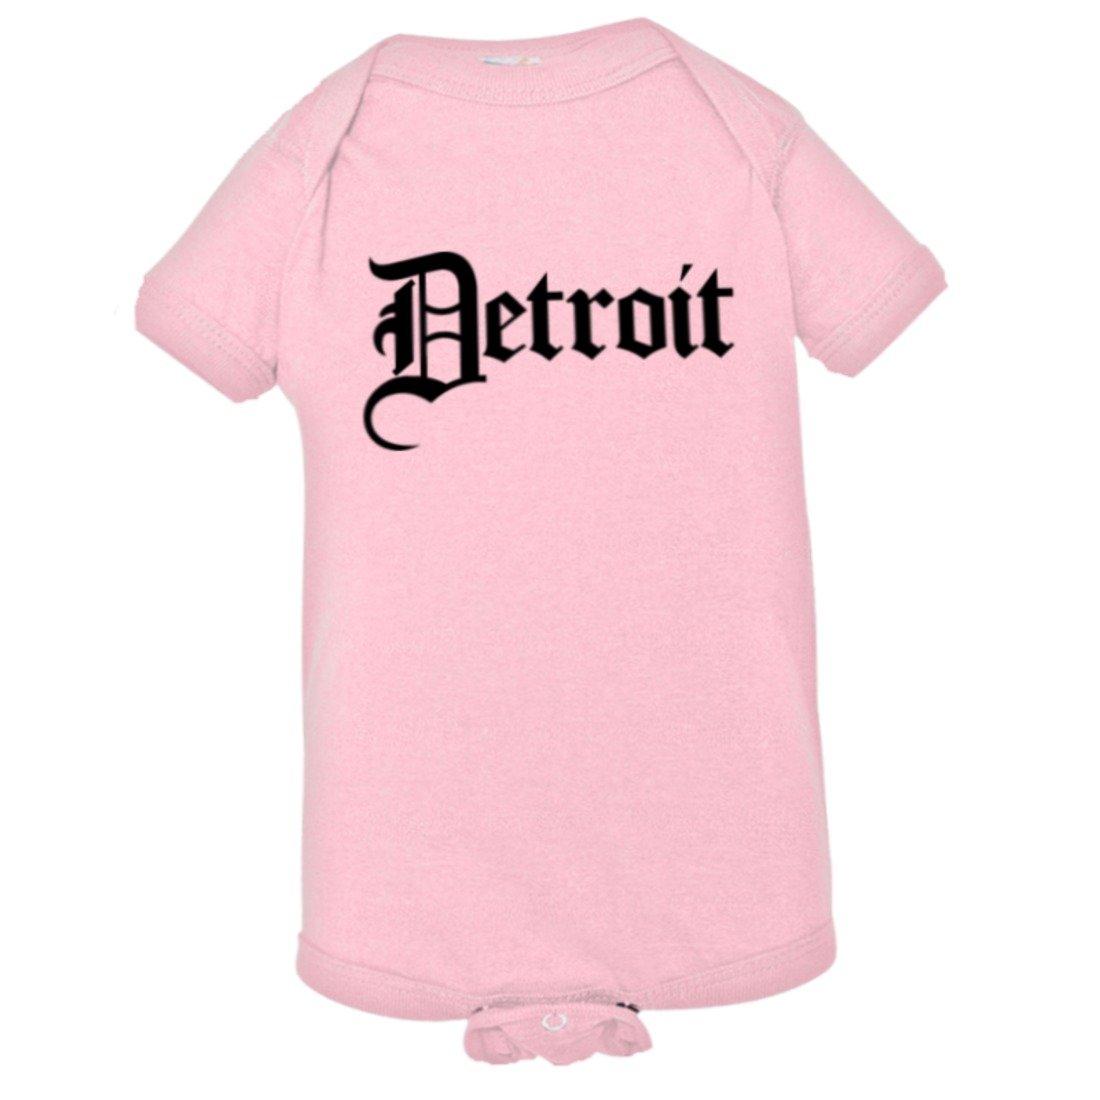 Baby Detroit Gothic Fancy Classic Font Michigan HQ Bodysuit 1-Piece